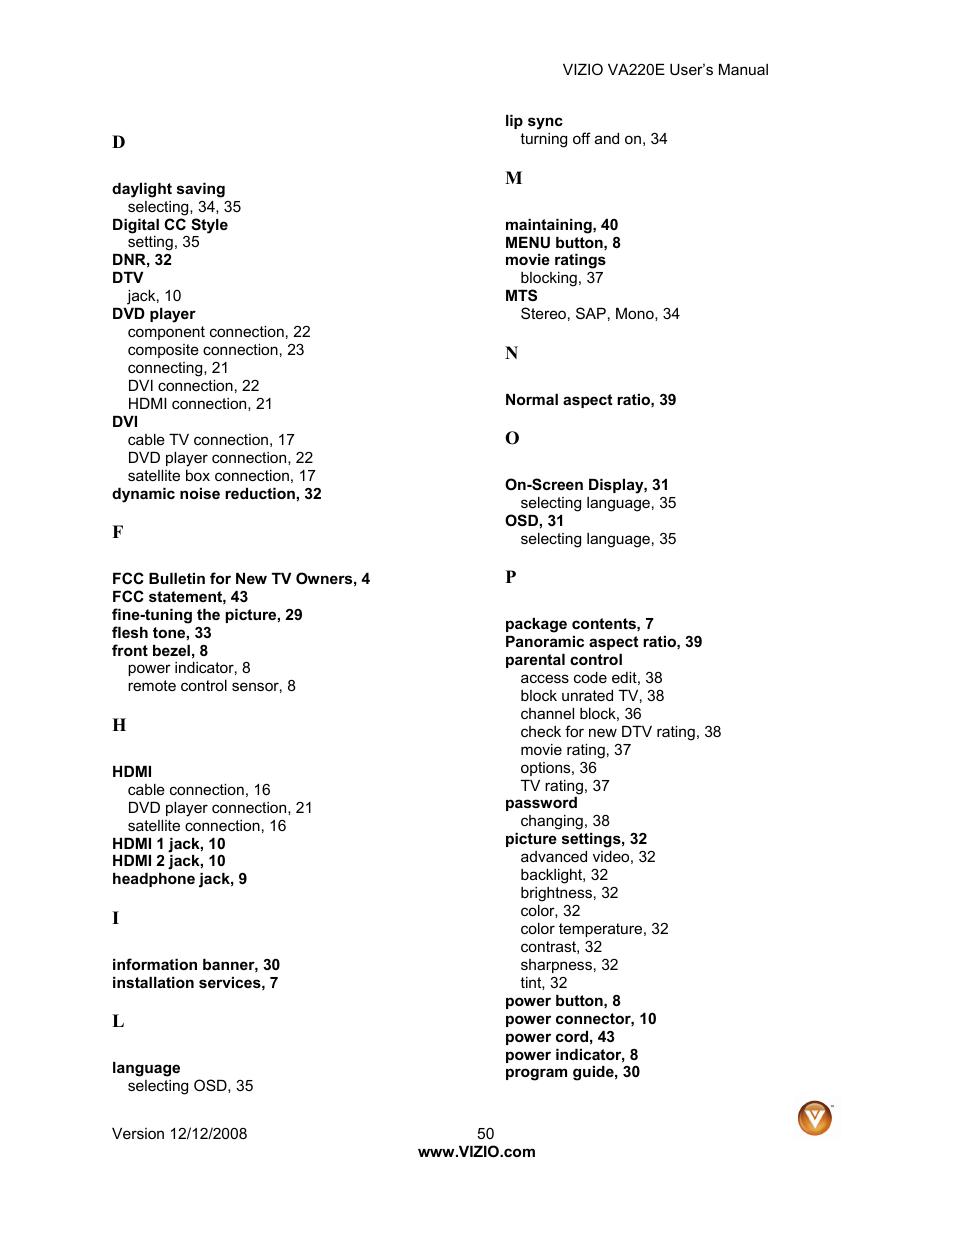 Vizio VA220E User Manual | Page 50 / 52